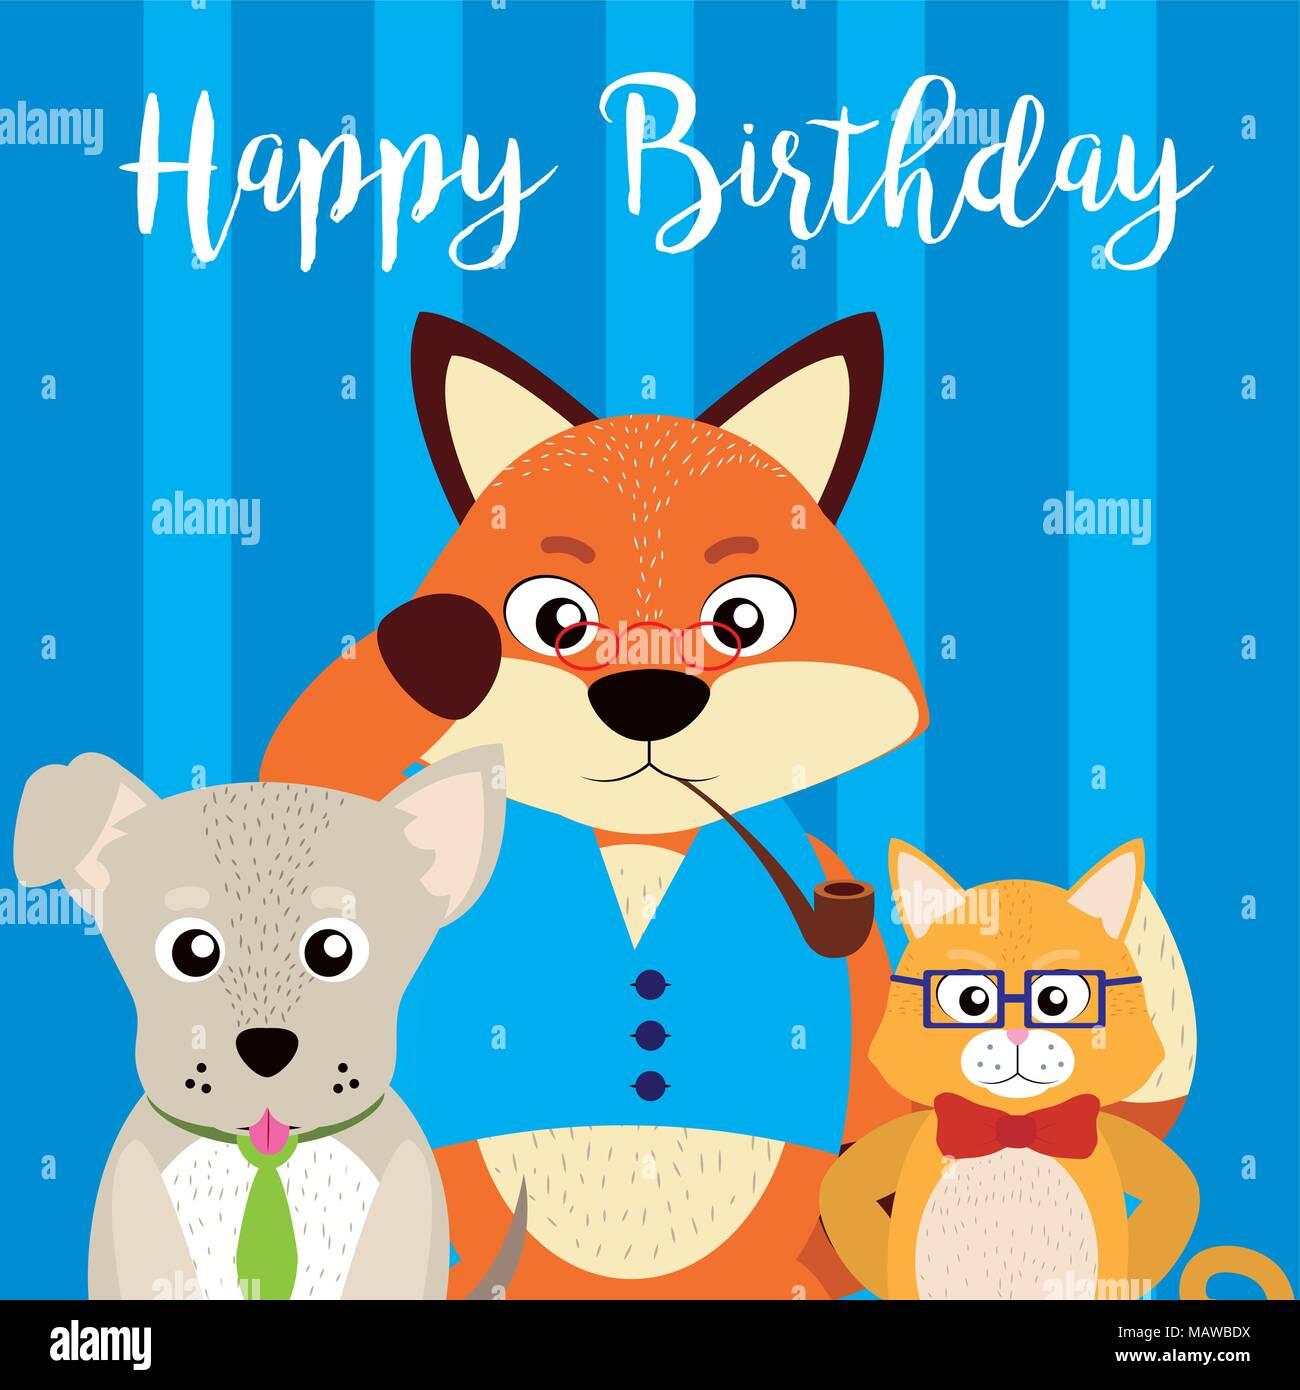 Buon Compleanno Card Con Simpatici Animali Illustrazione Vettoriale